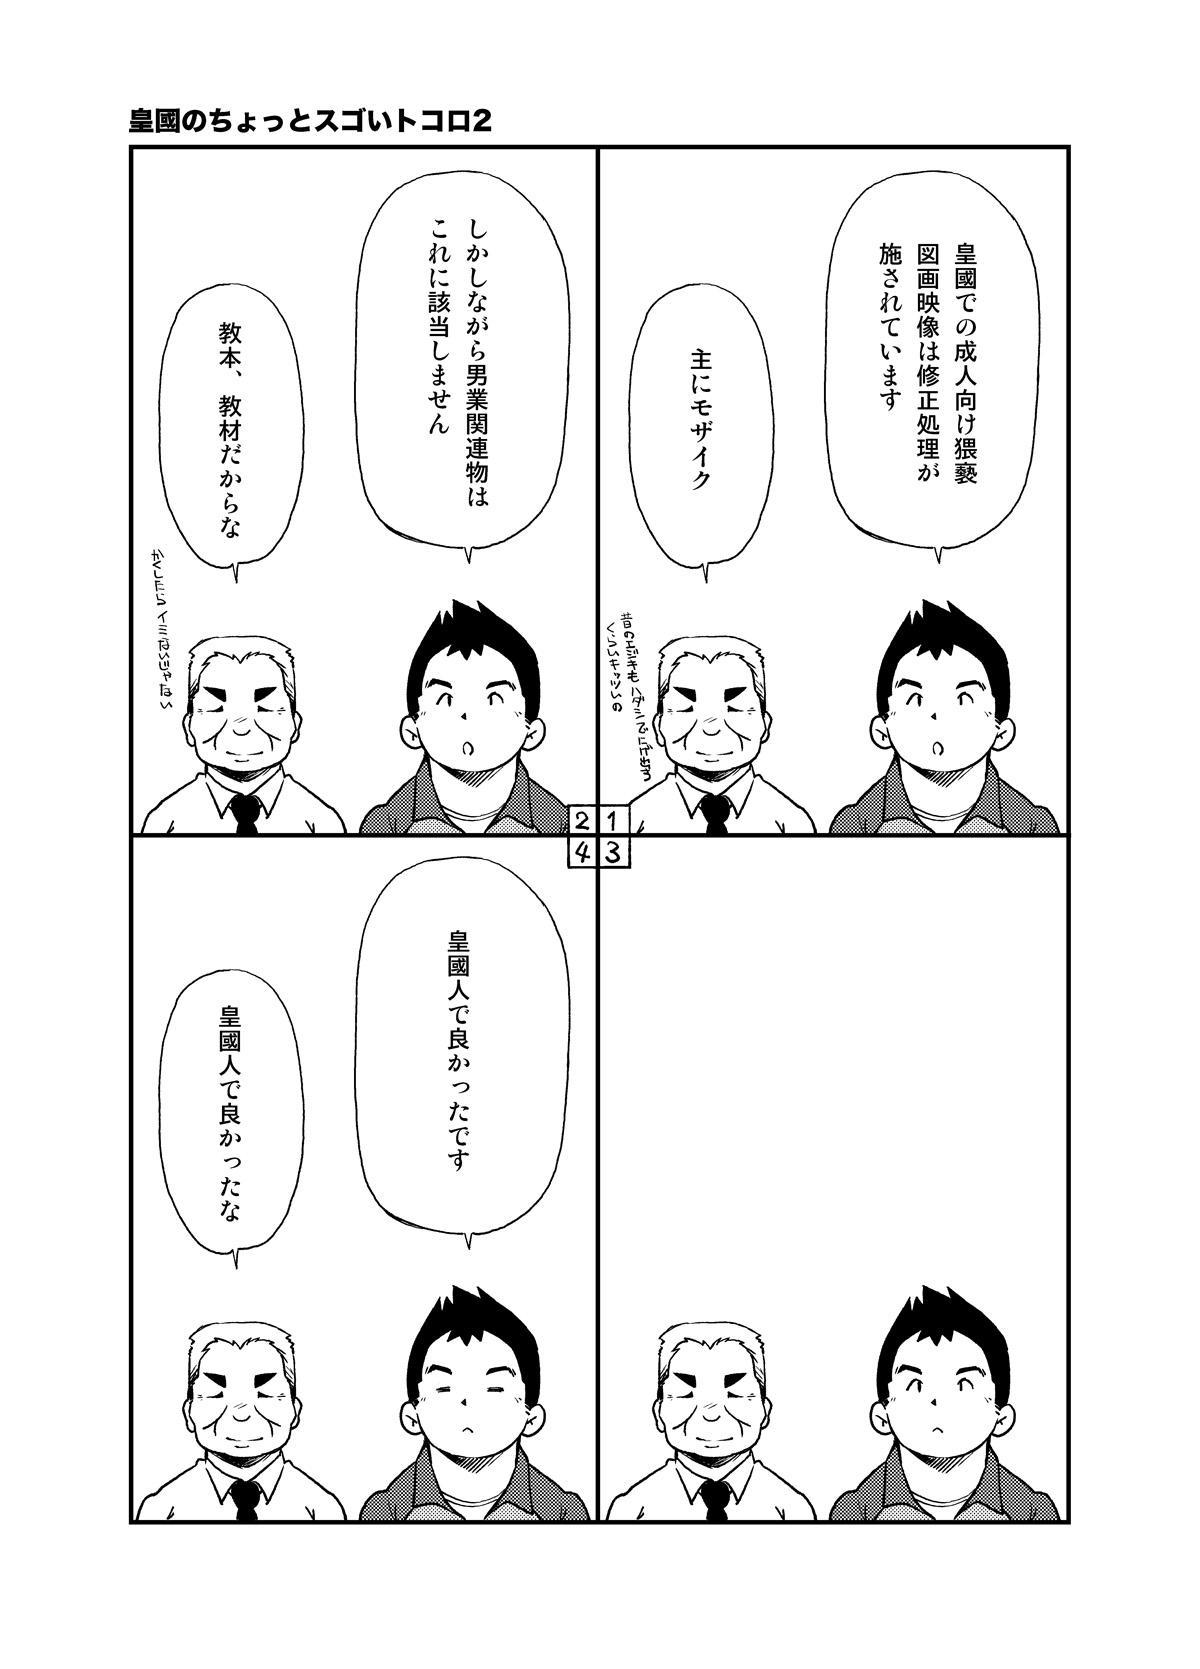 Tadashii Danshi no Kyouren Hou 28